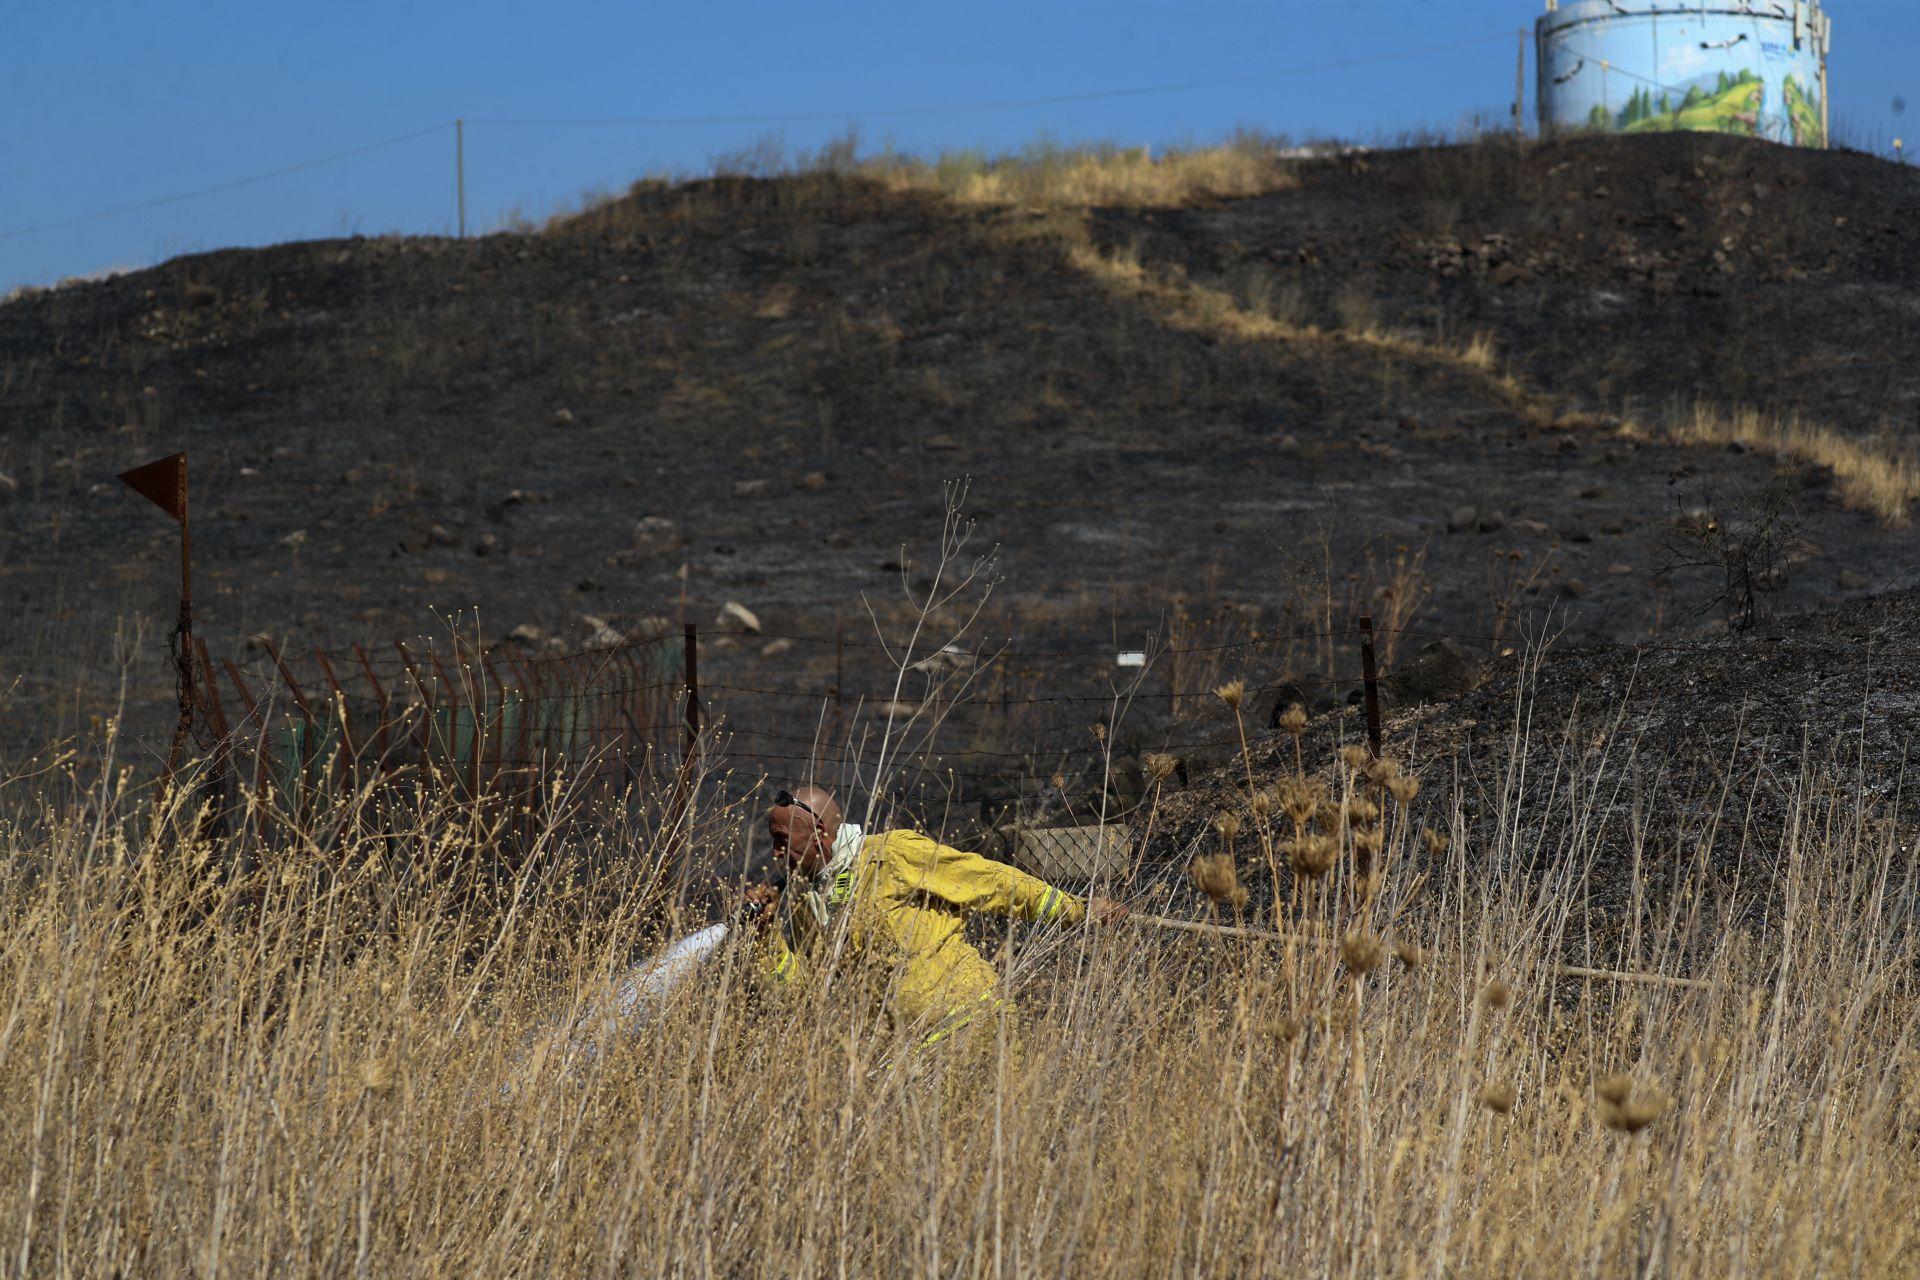 Израелски пожарникар се опитва да потуши пожар, причинен от ракета, изстреляна от Ливан в израелска територия в близост до северния израелски град Кириат Шмона,